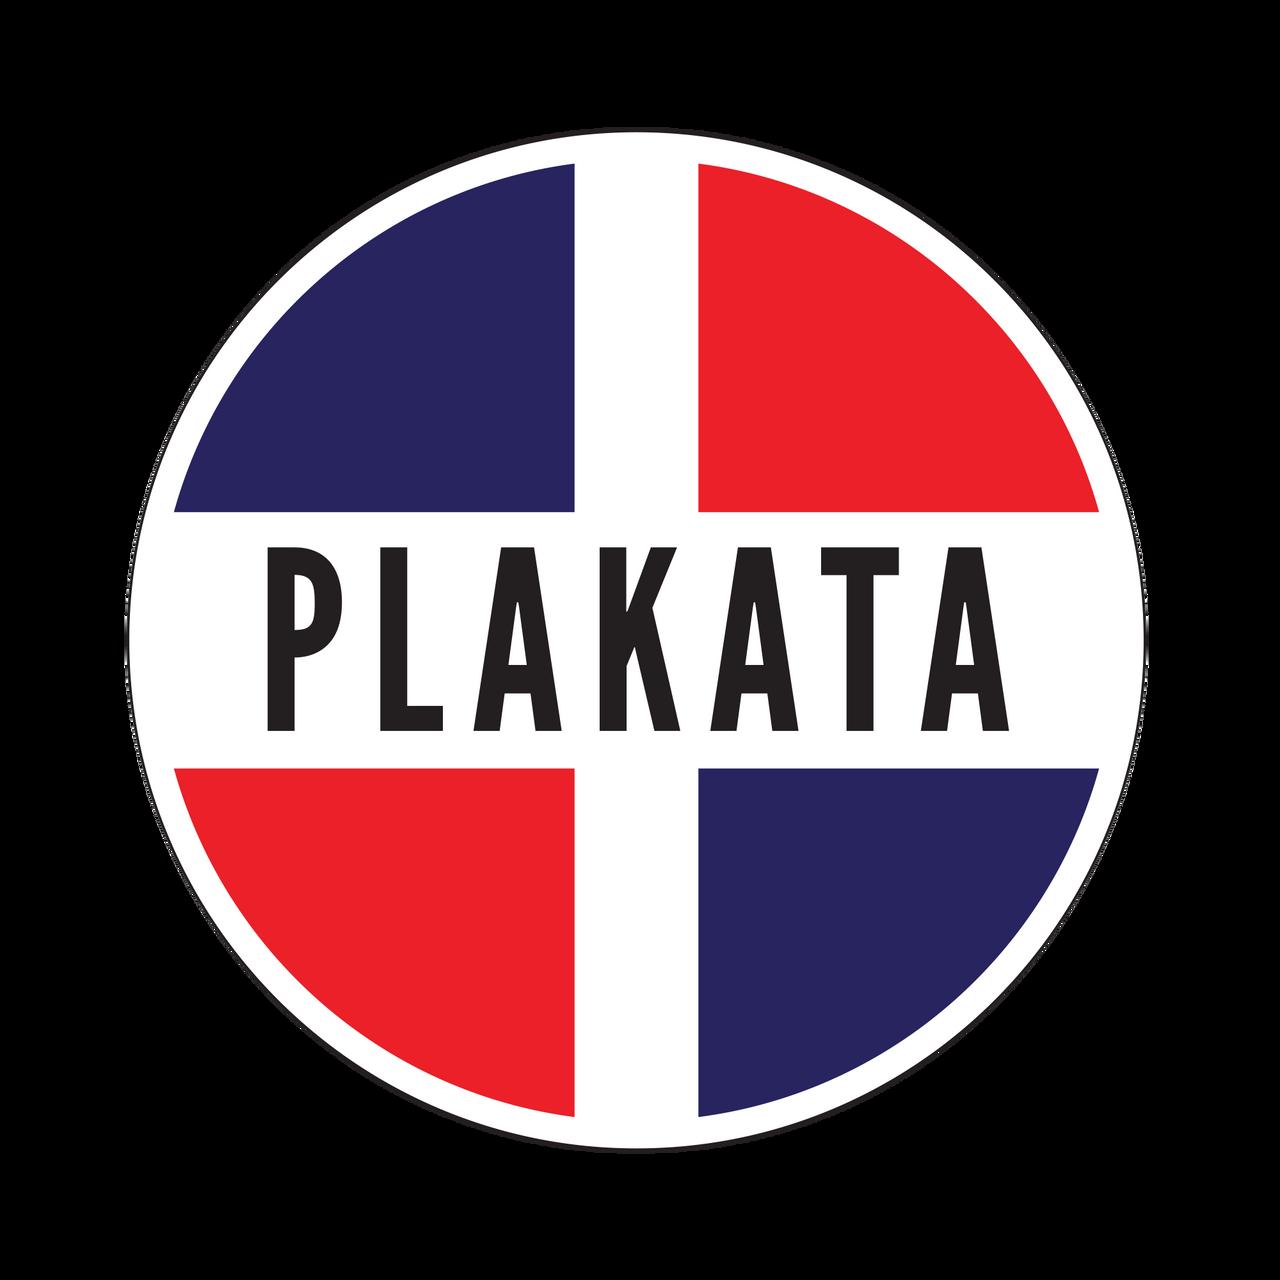 Plakata Knob Sticker